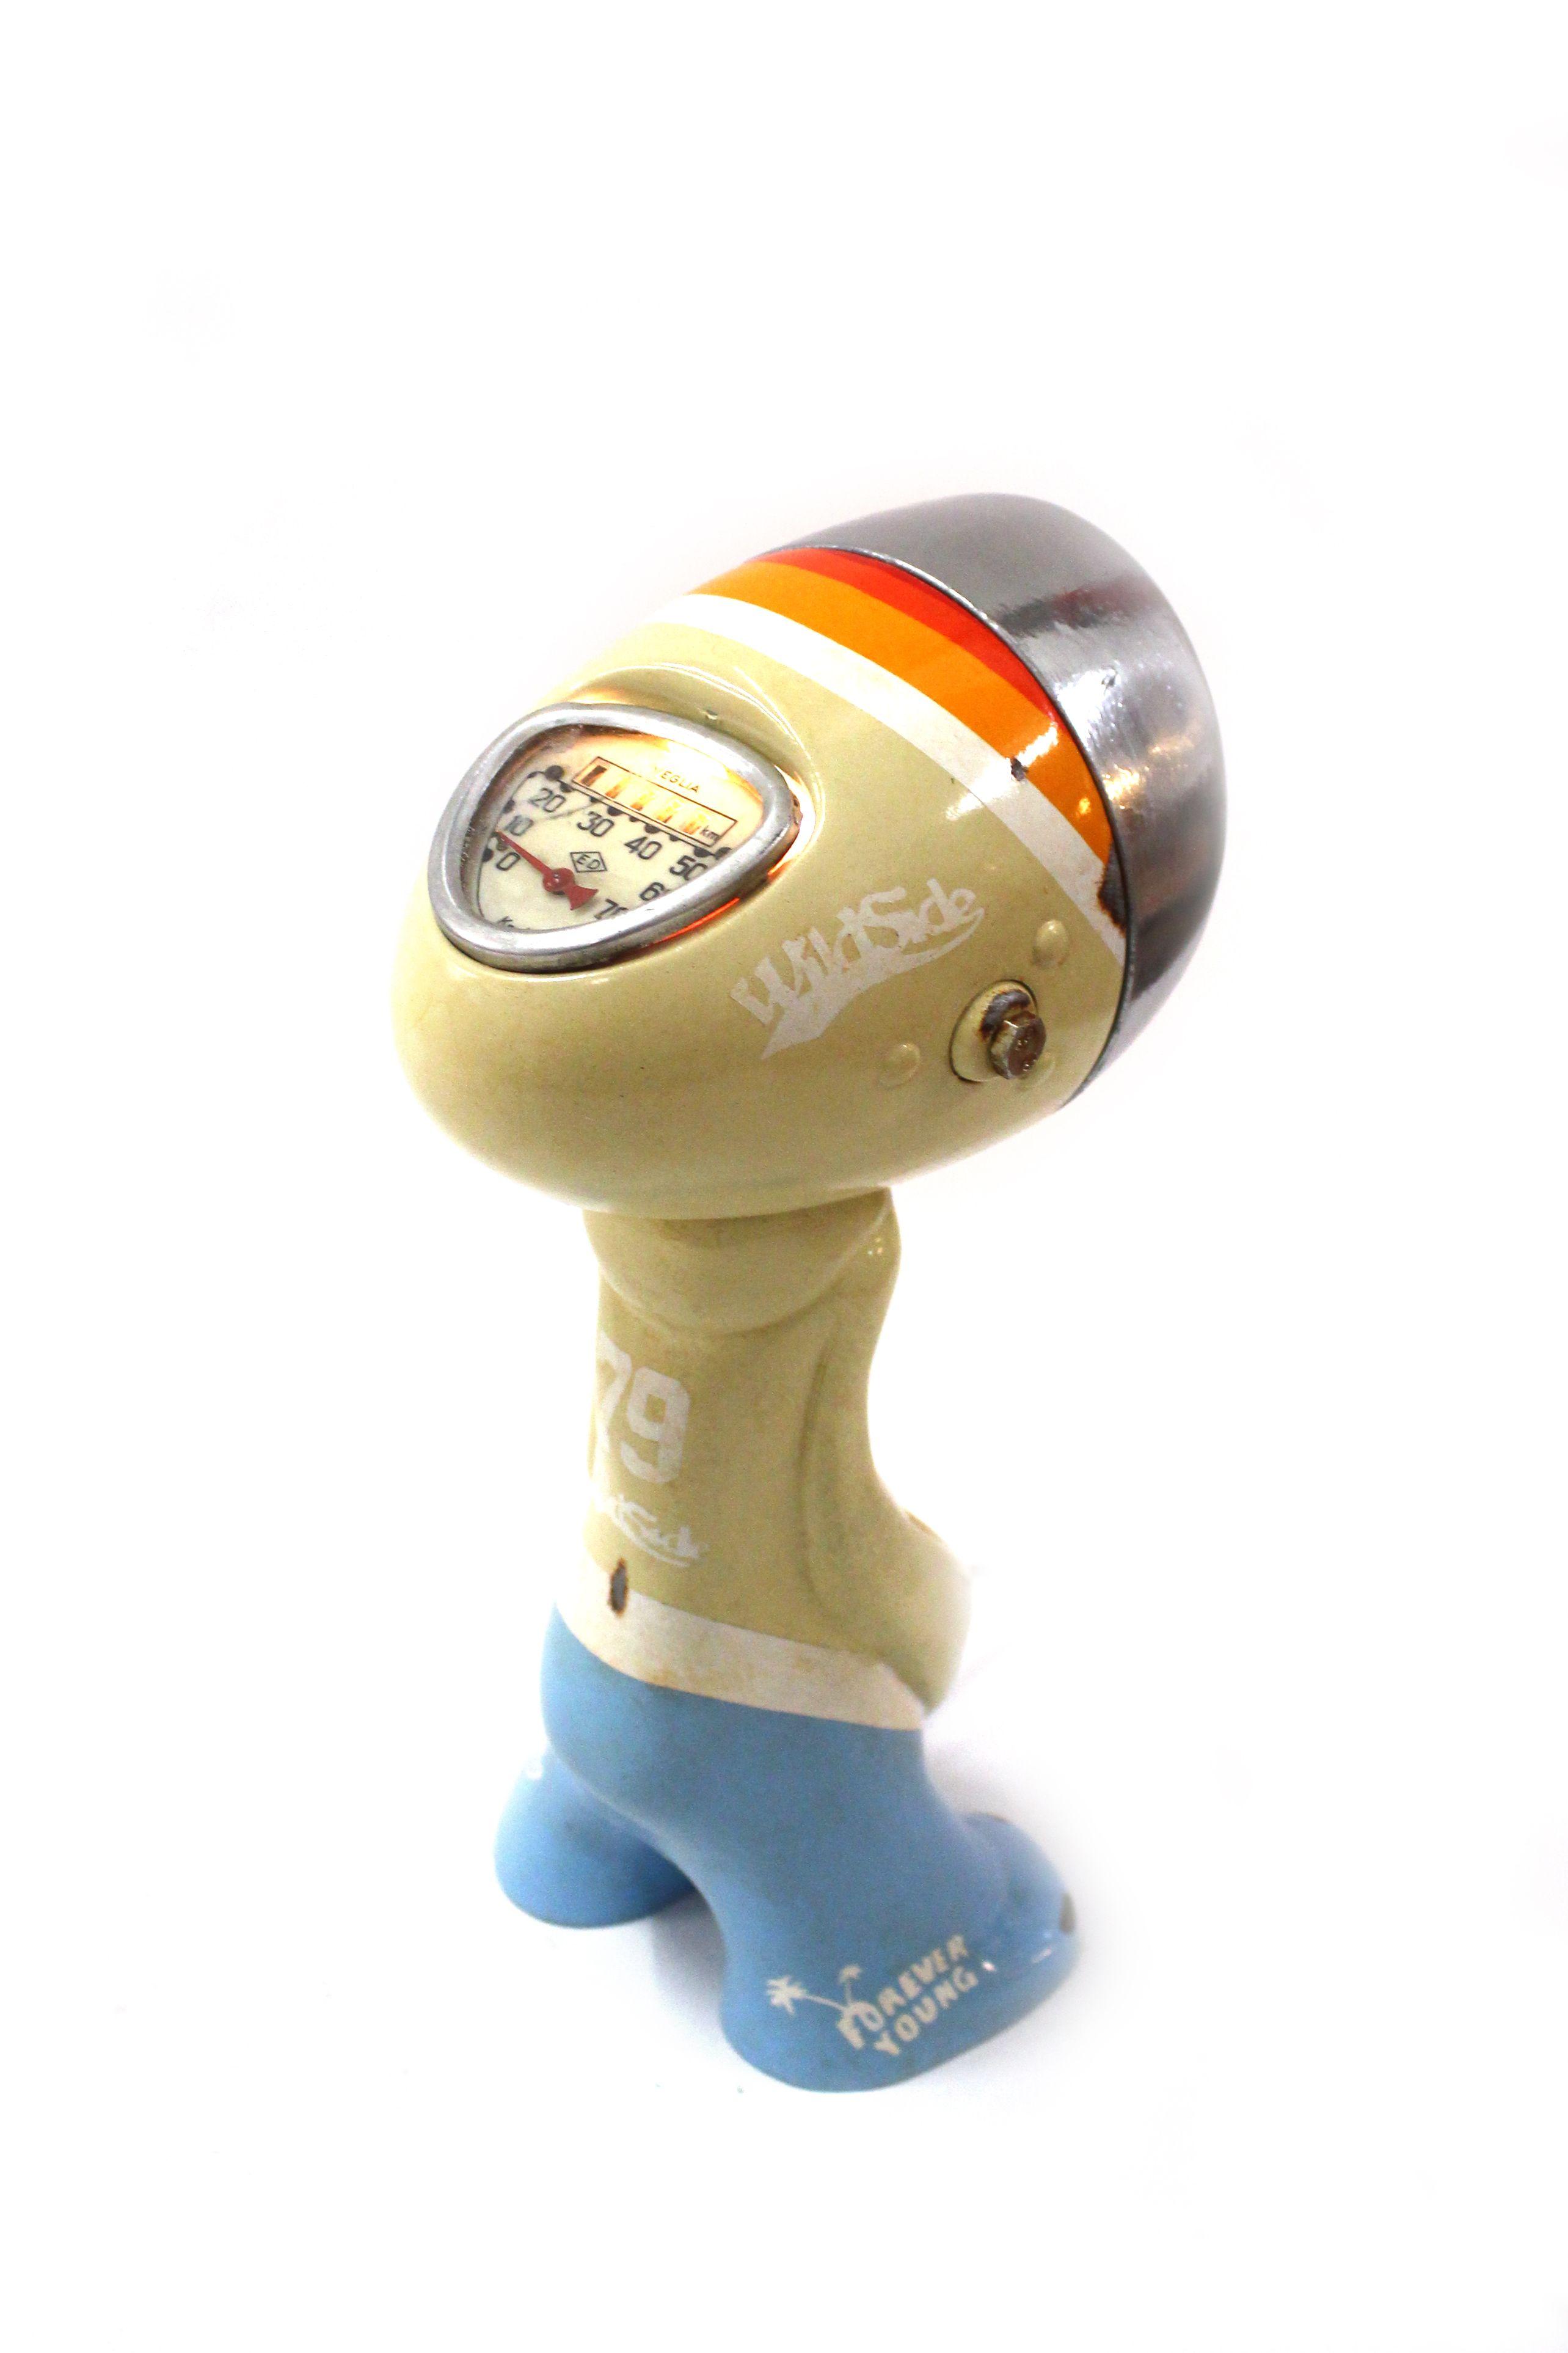 Range of Arts - Sculpture Lampe Robot - Nanan Jake